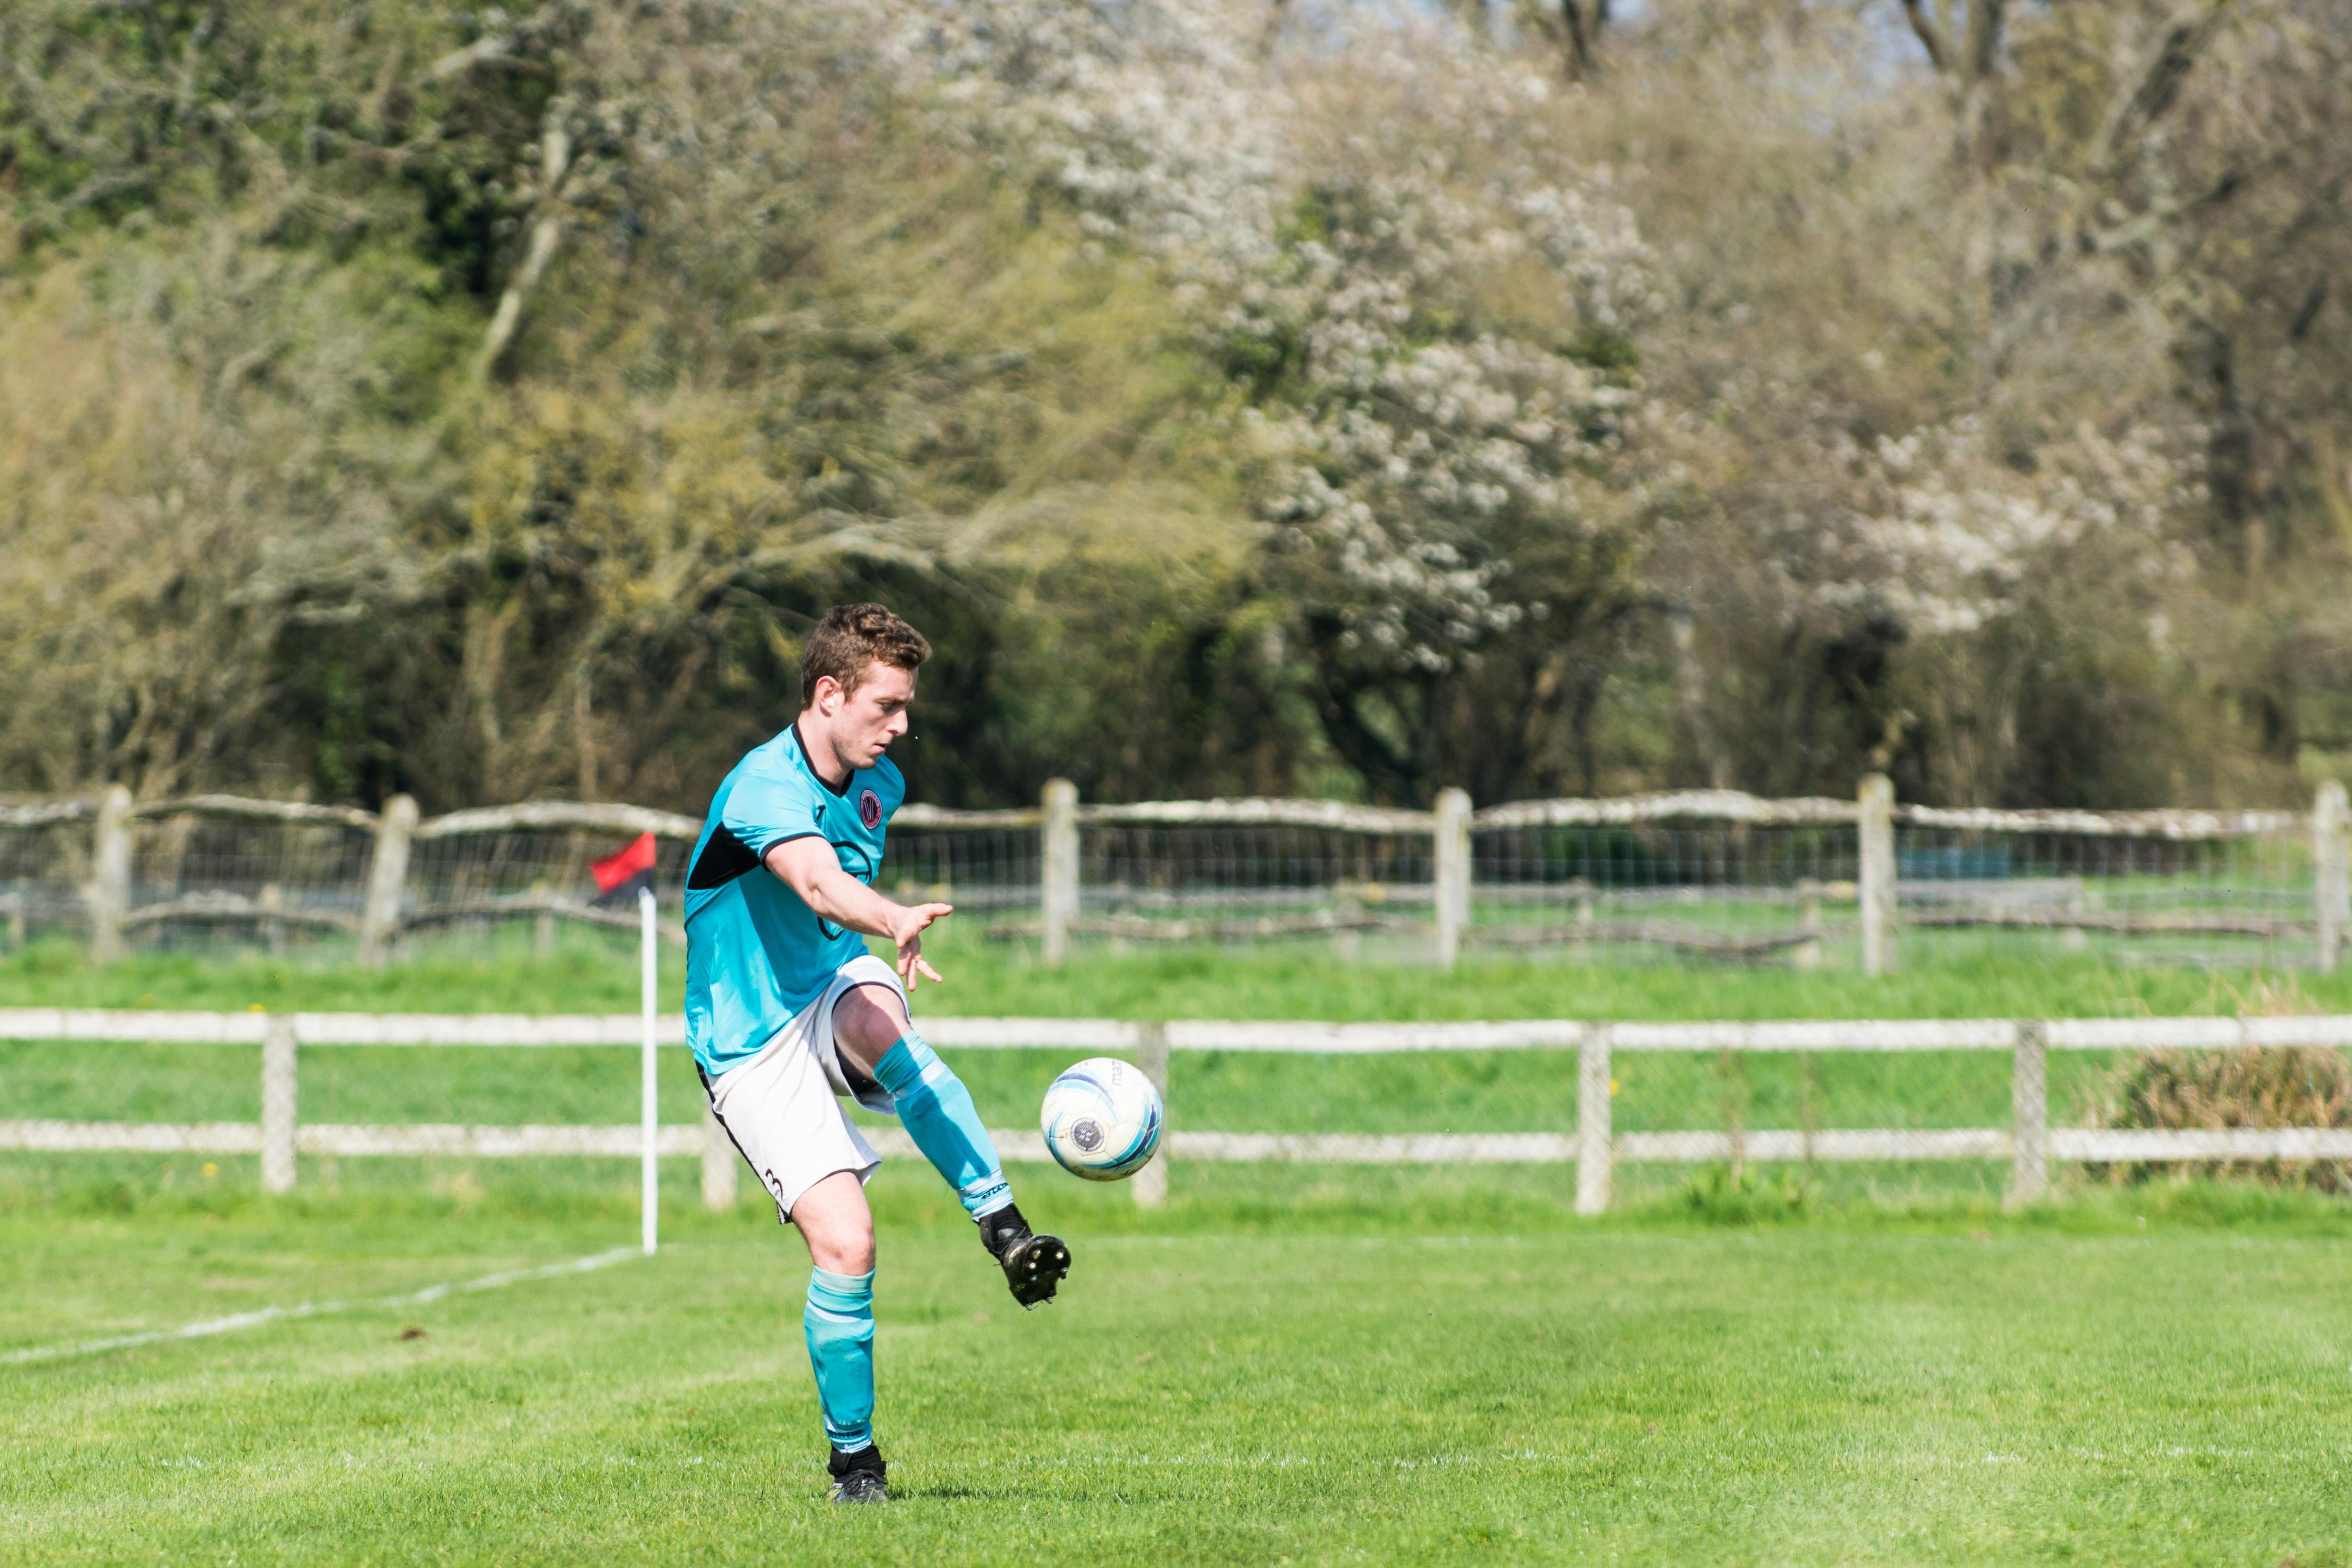 DAVID_JEFFERY Billingshurst FC vs AFC Varndeanians 14.04.18 43